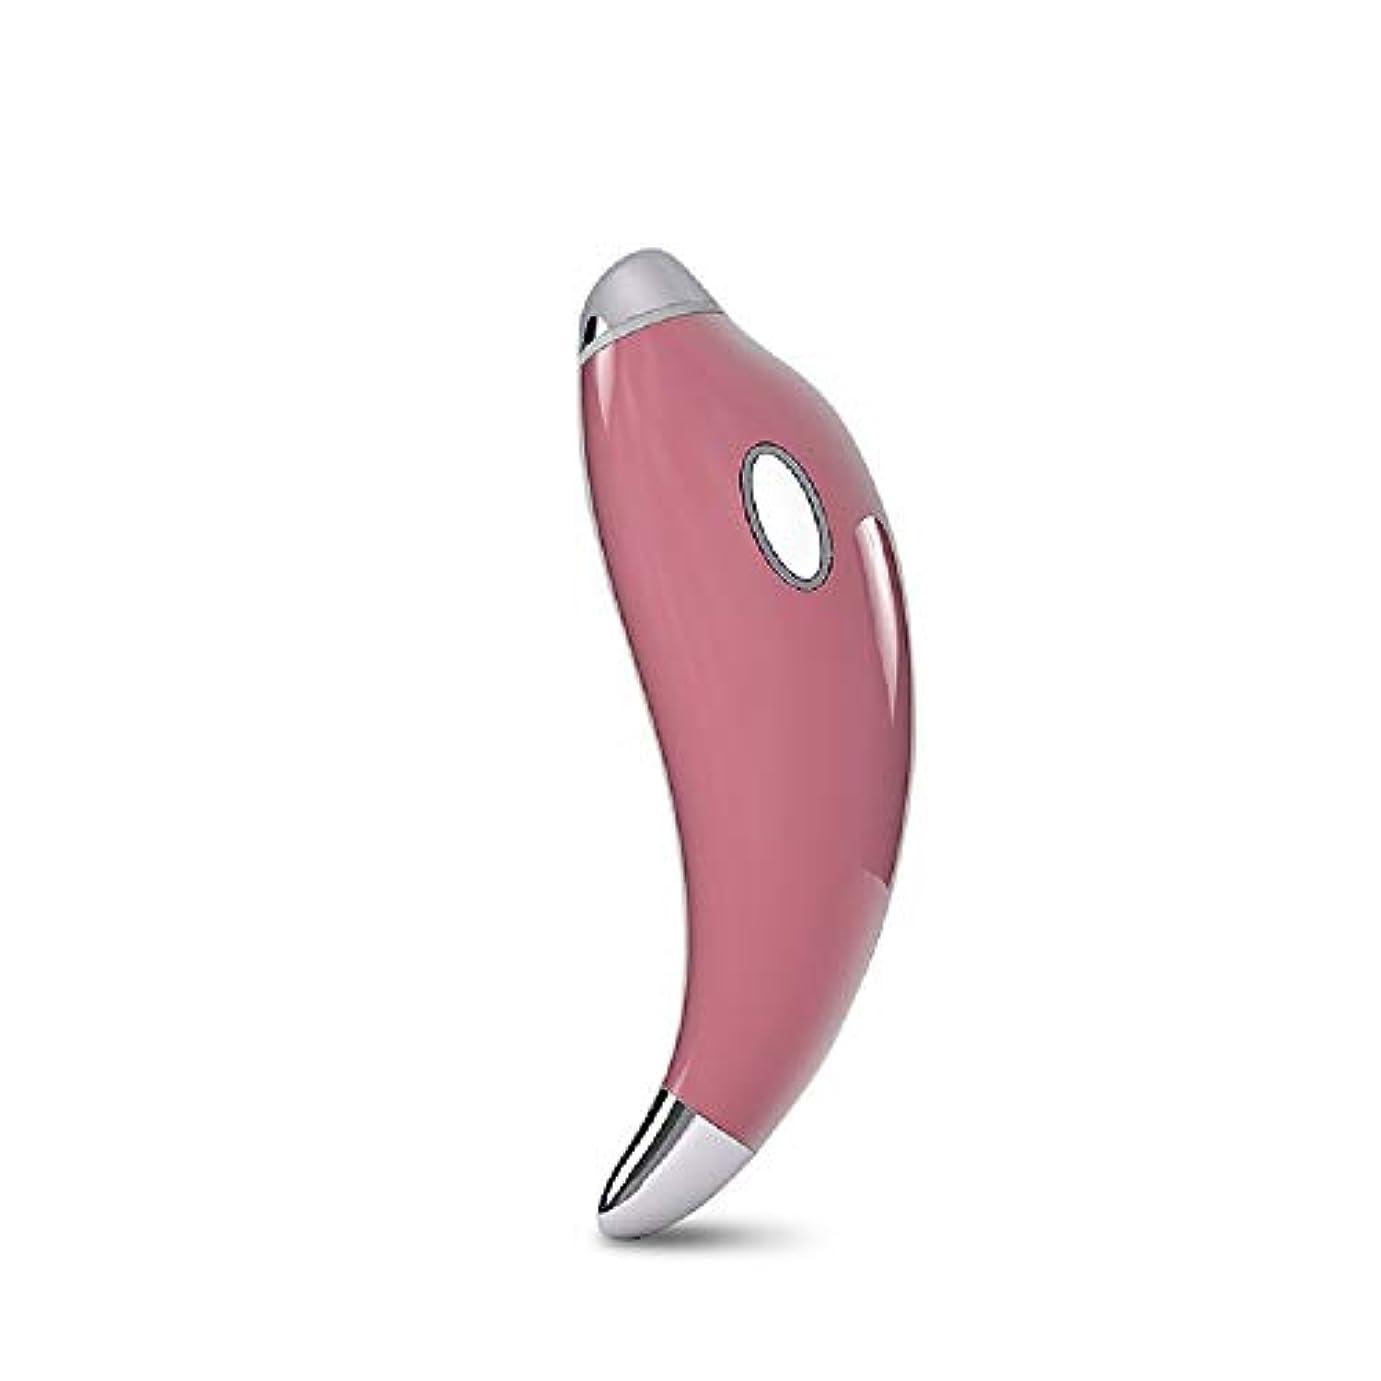 弁護人ことわざ取得するGf ファッショントレンド高度なインテリジェントホットマジックワンド、しわ防止イオンイオントリートメントアイマッサージスティック 購入へようこそ (Color : Pink)